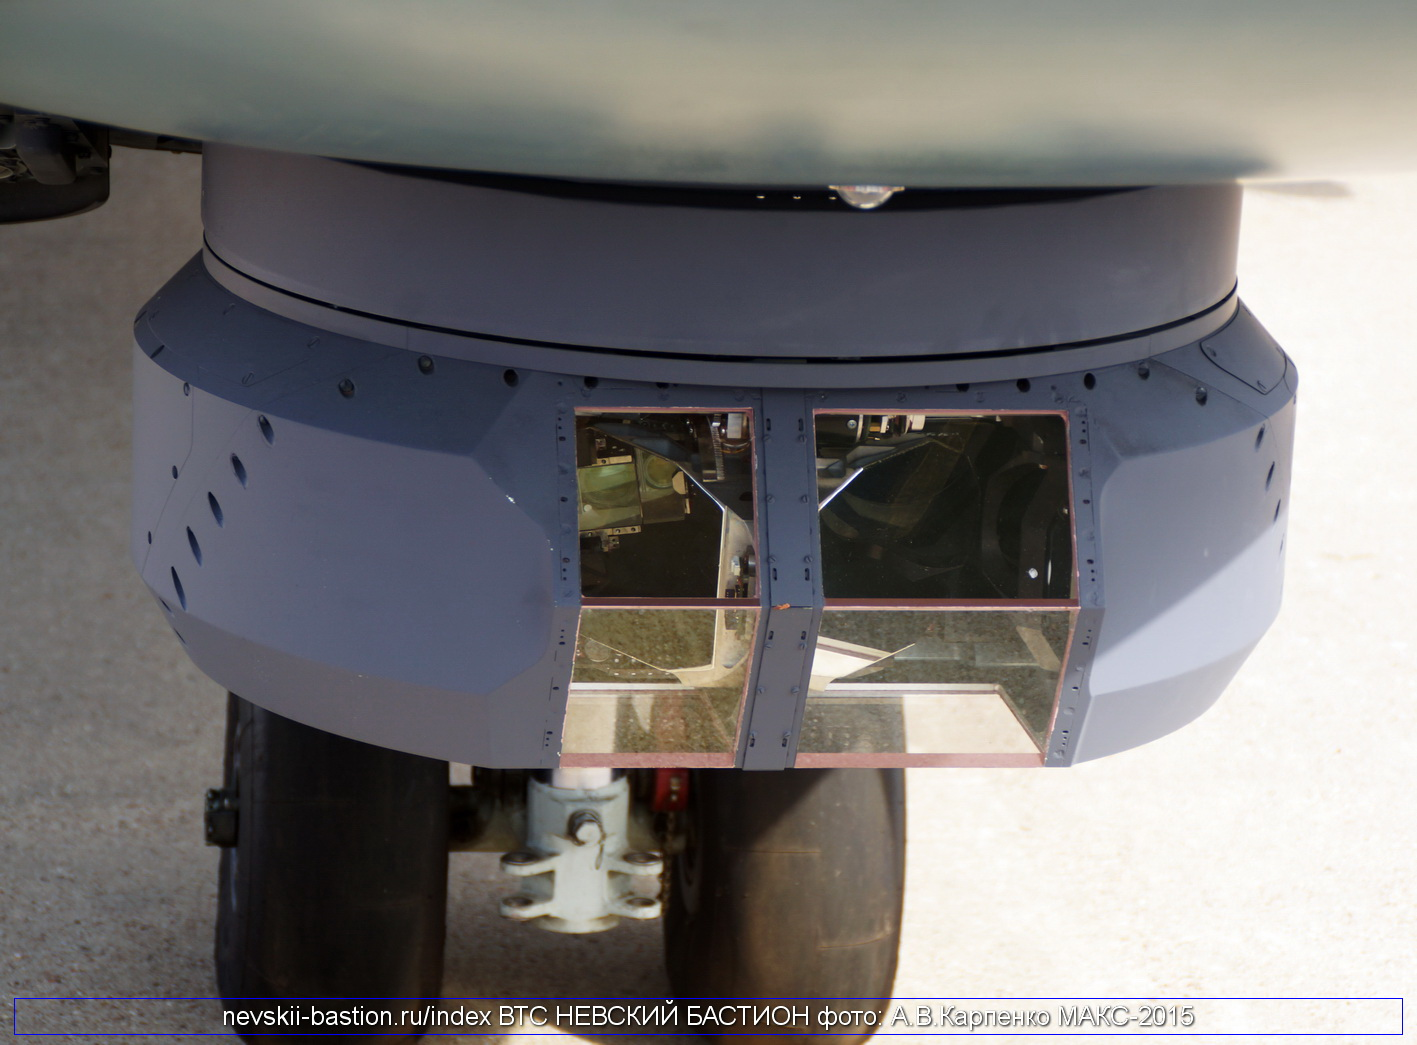 ka-52k_maks-2015_26.JPG